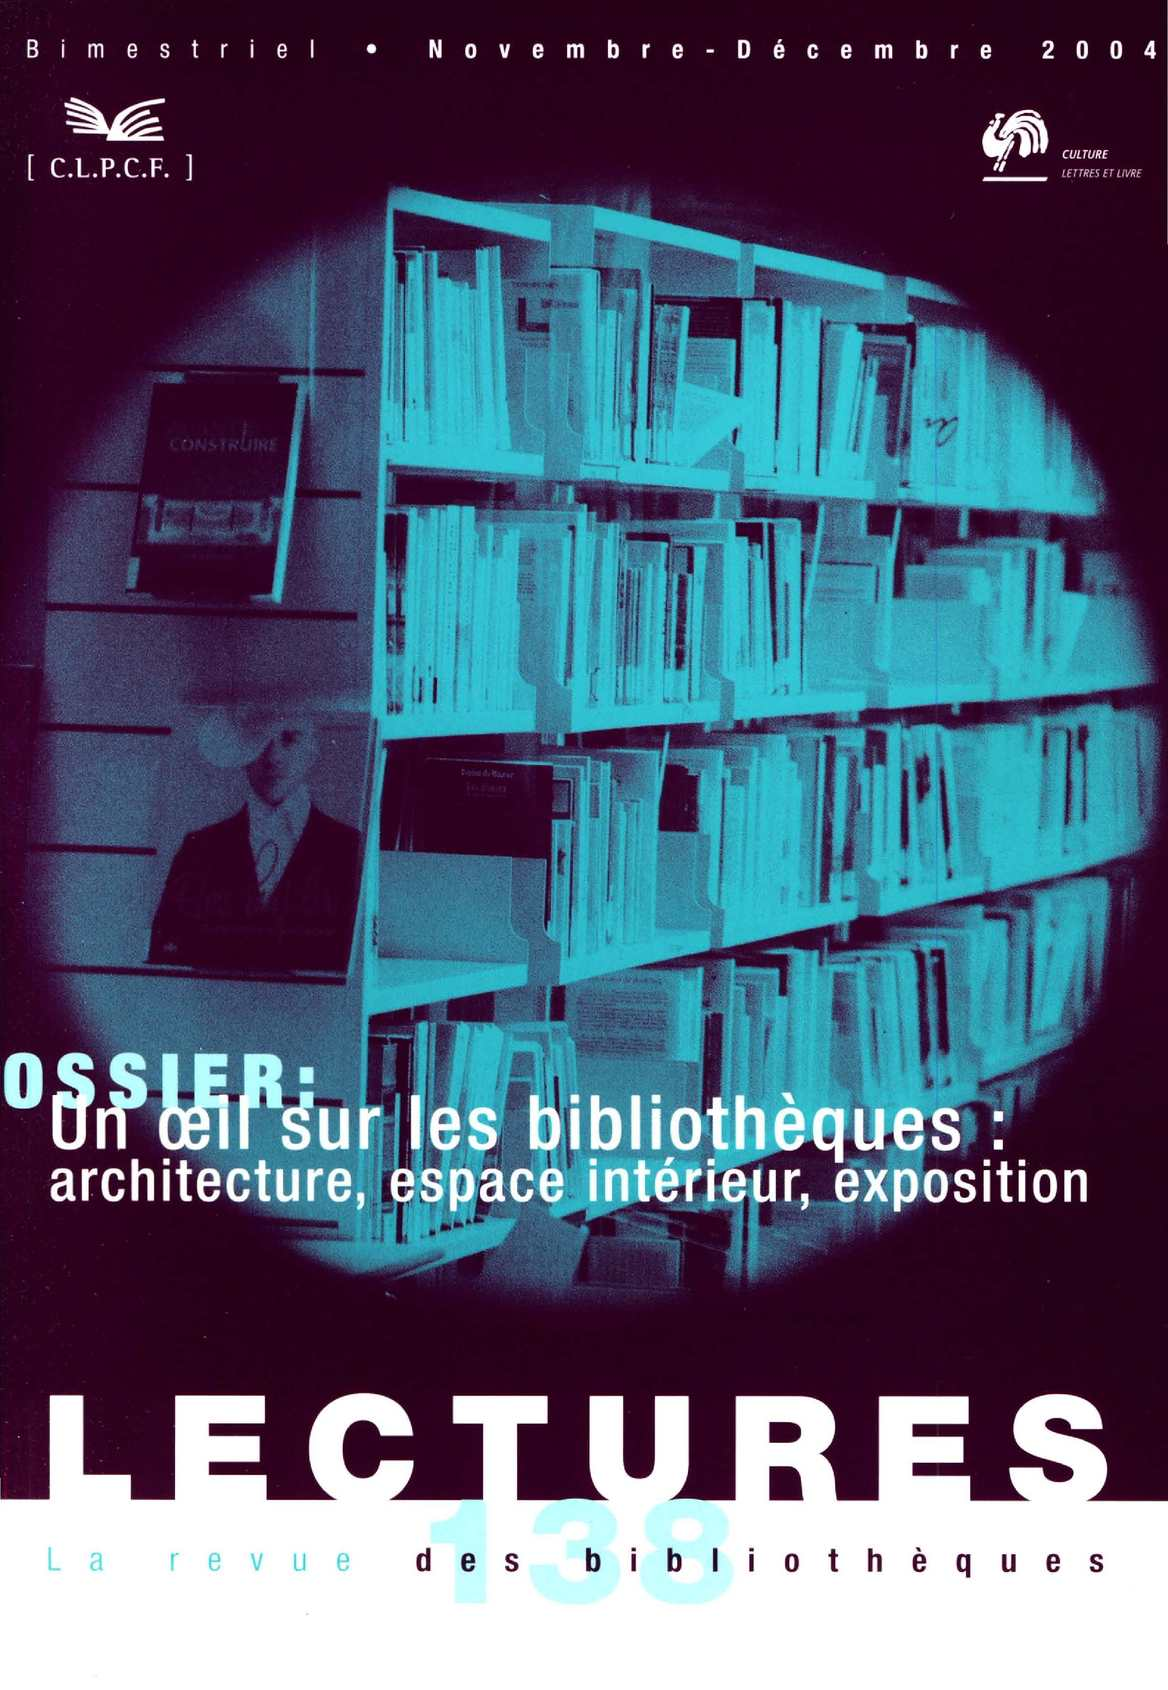 e30d4f15012dc3 Calaméo - Lectures, 138, novembre - décembre 2004